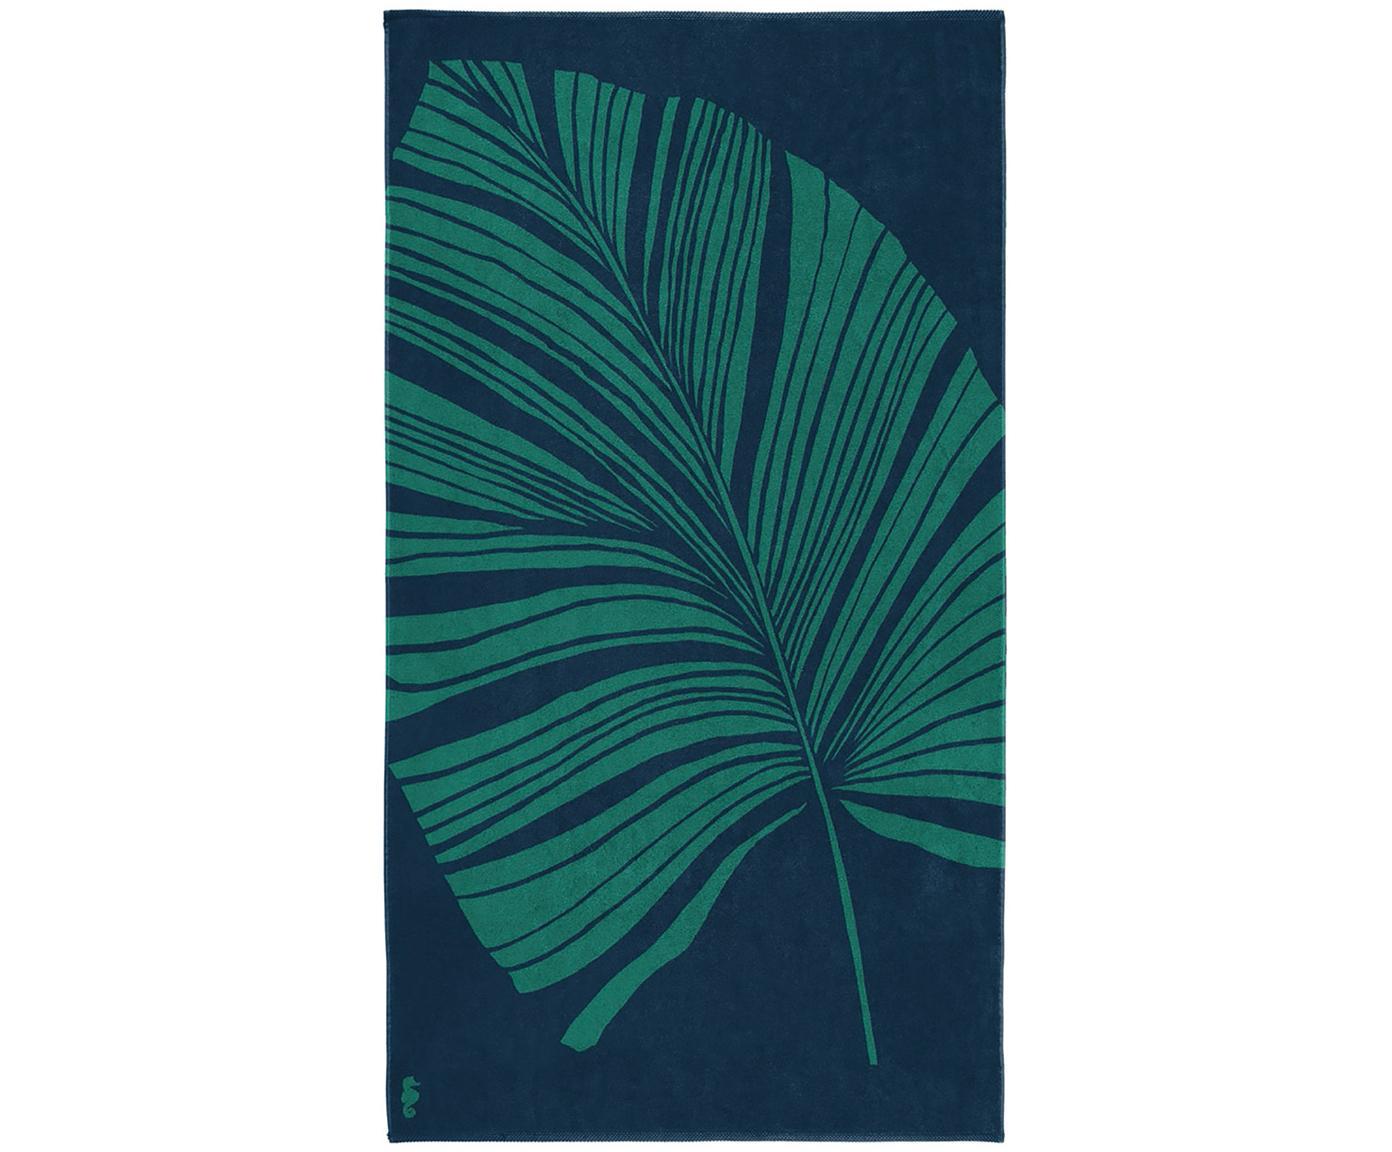 Ręcznik plażowy Foil, Egipska bawełna, średnia gramatura 420 g/m, Niebieski, zielony, S 100 x D 180 cm